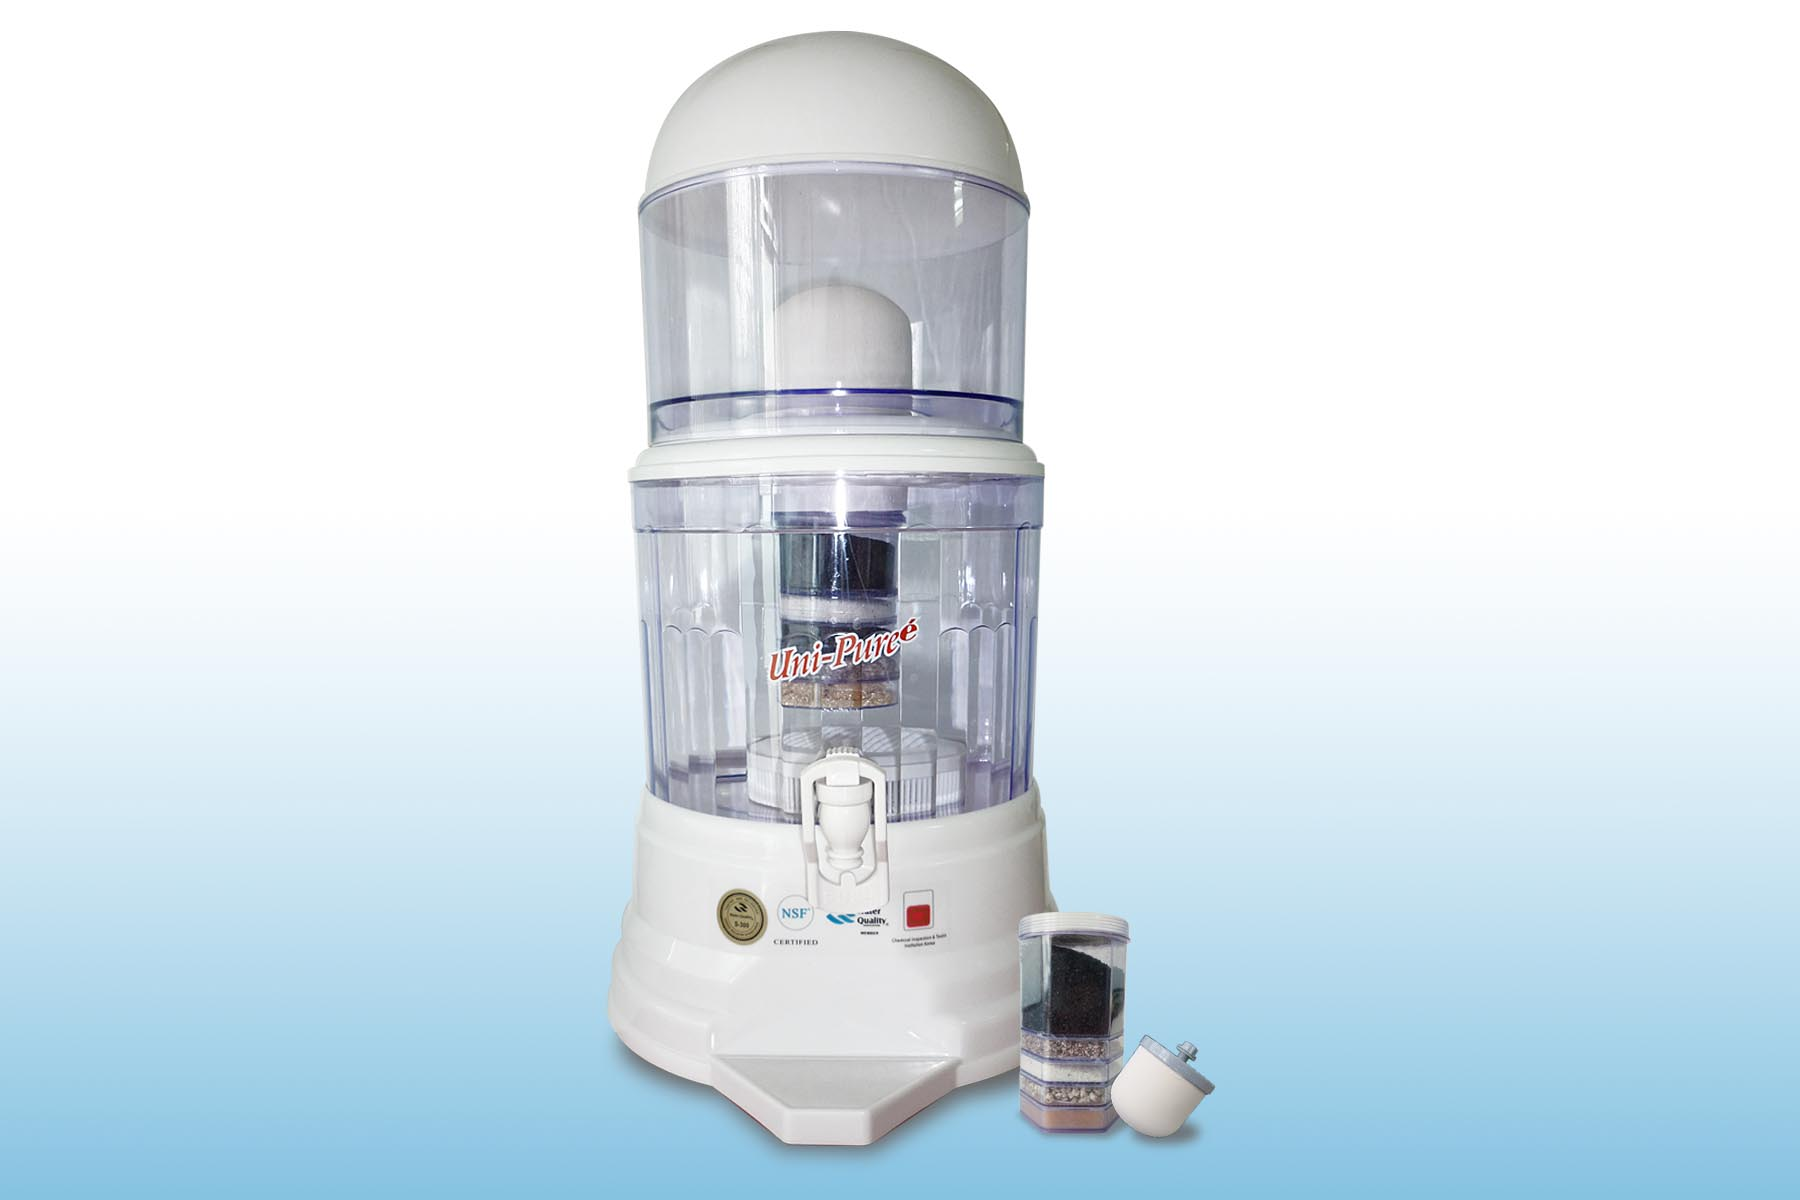 เครื่องกรองน้ำแร่ Unipure 14 ลิตร